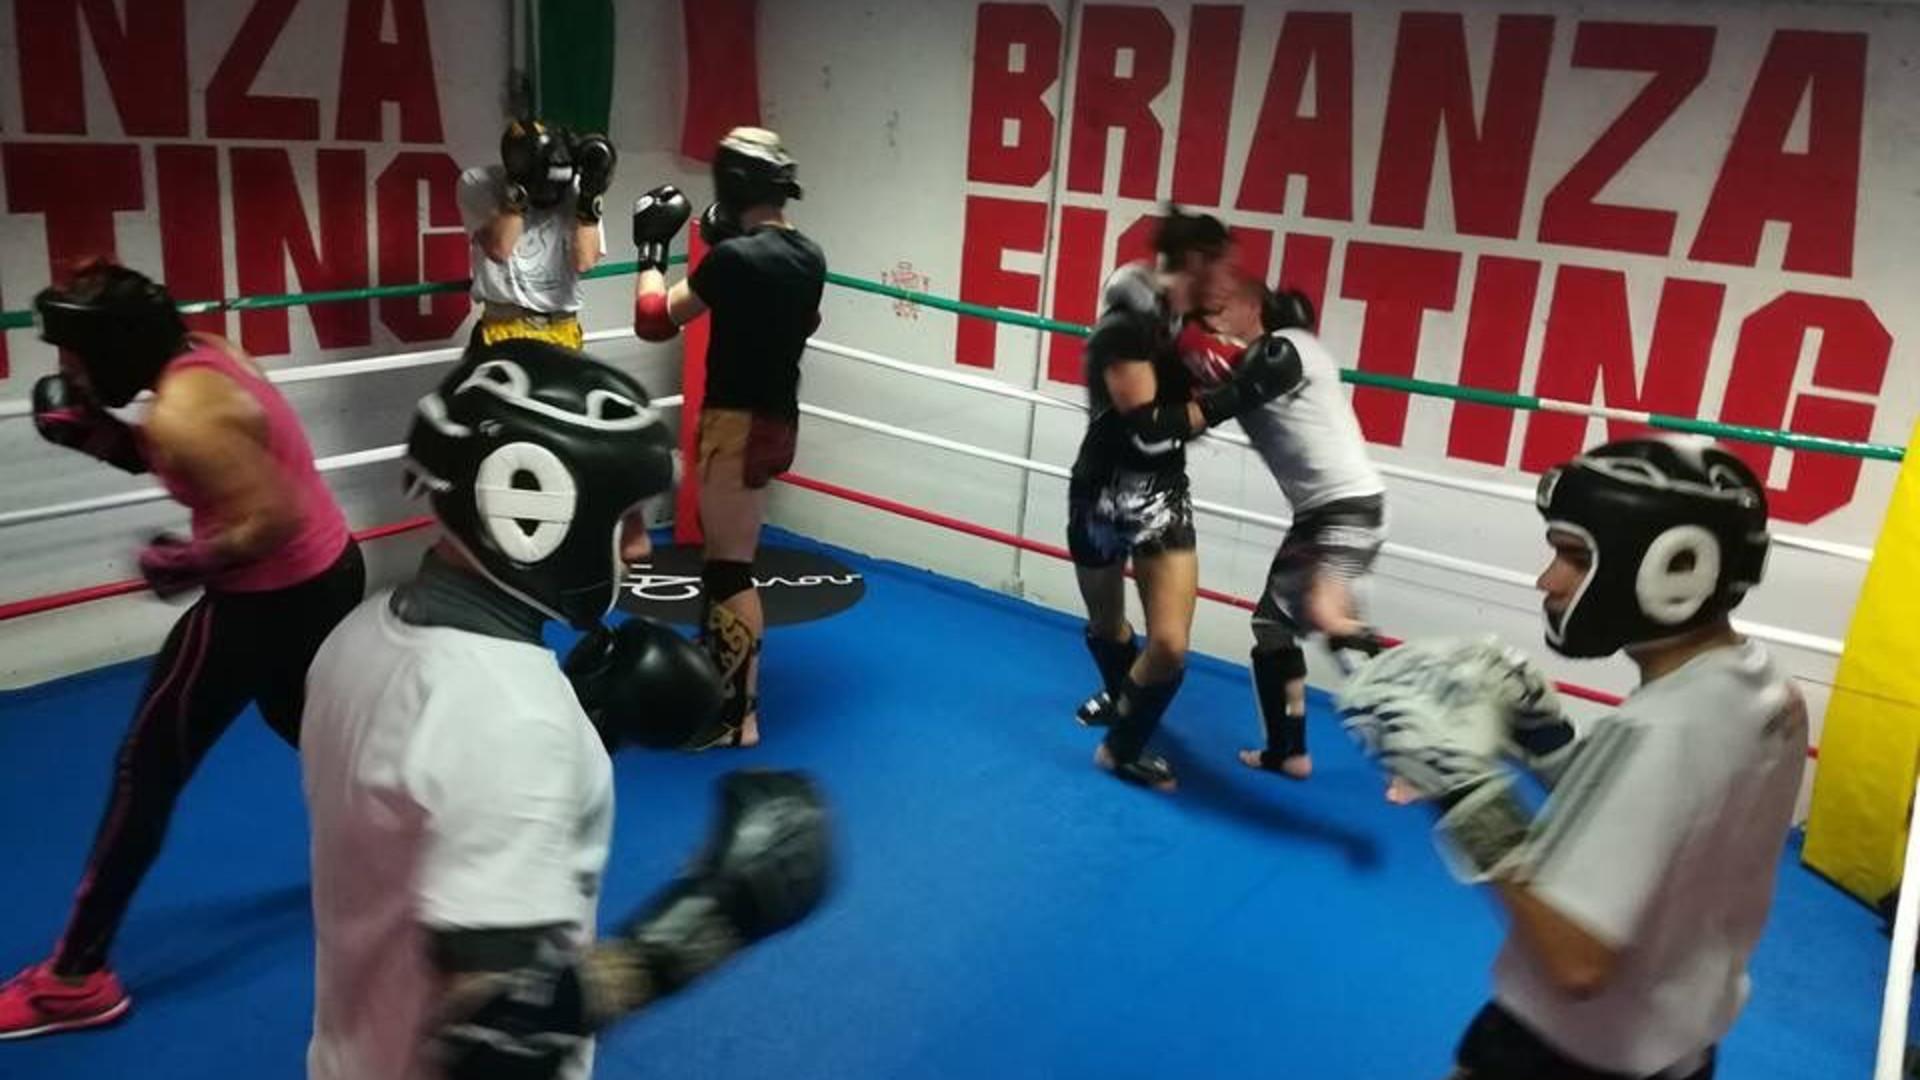 Brianza Fighting prezzi